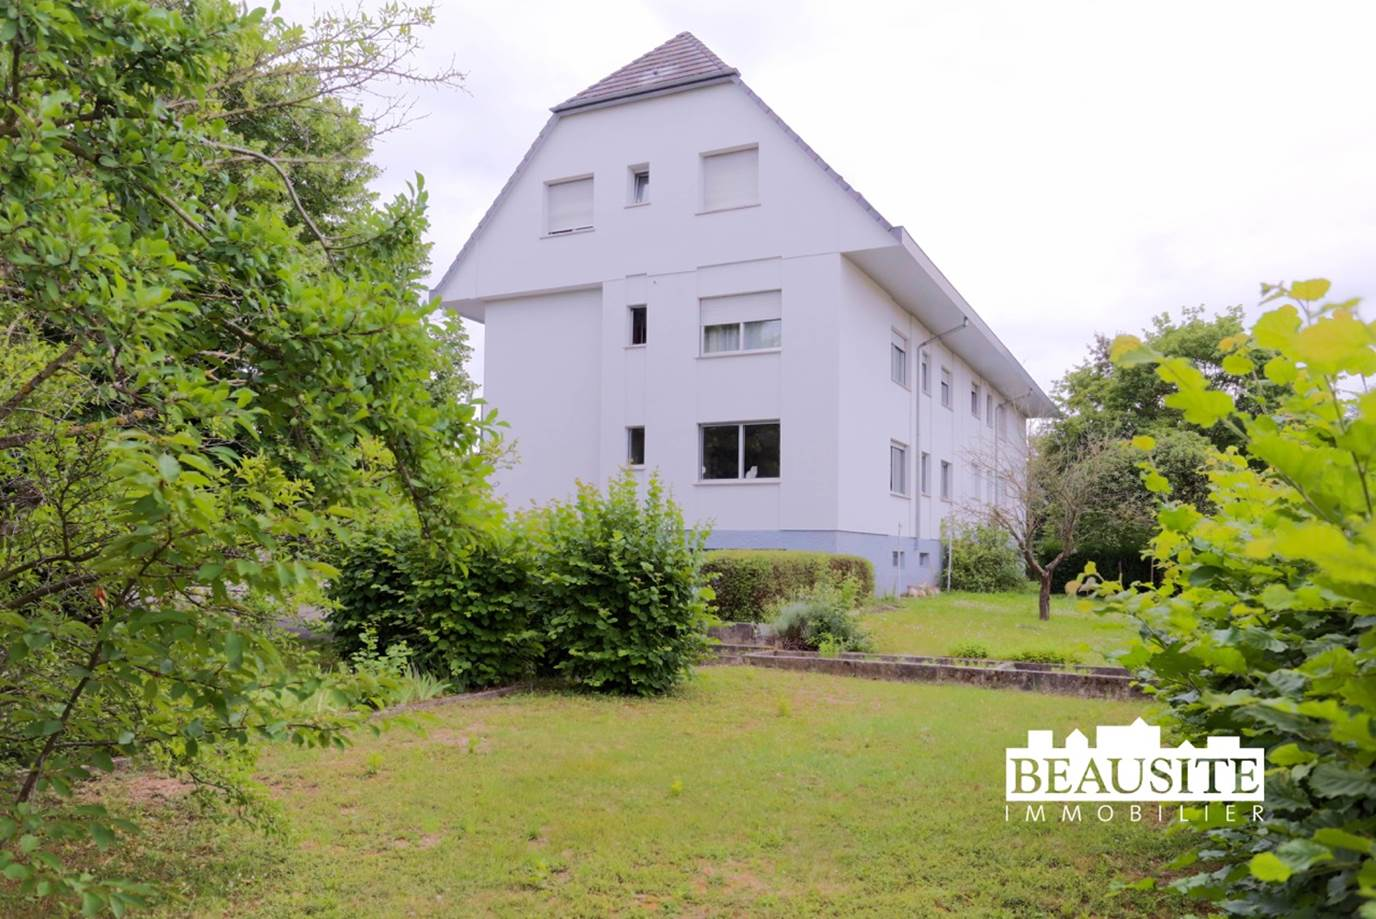 [Anna] Un superbe et vaste 4 pièces dans un cadre verdoyant - Ittenheim / Kochersberg - nos ventes - Beausite Immobilier 13